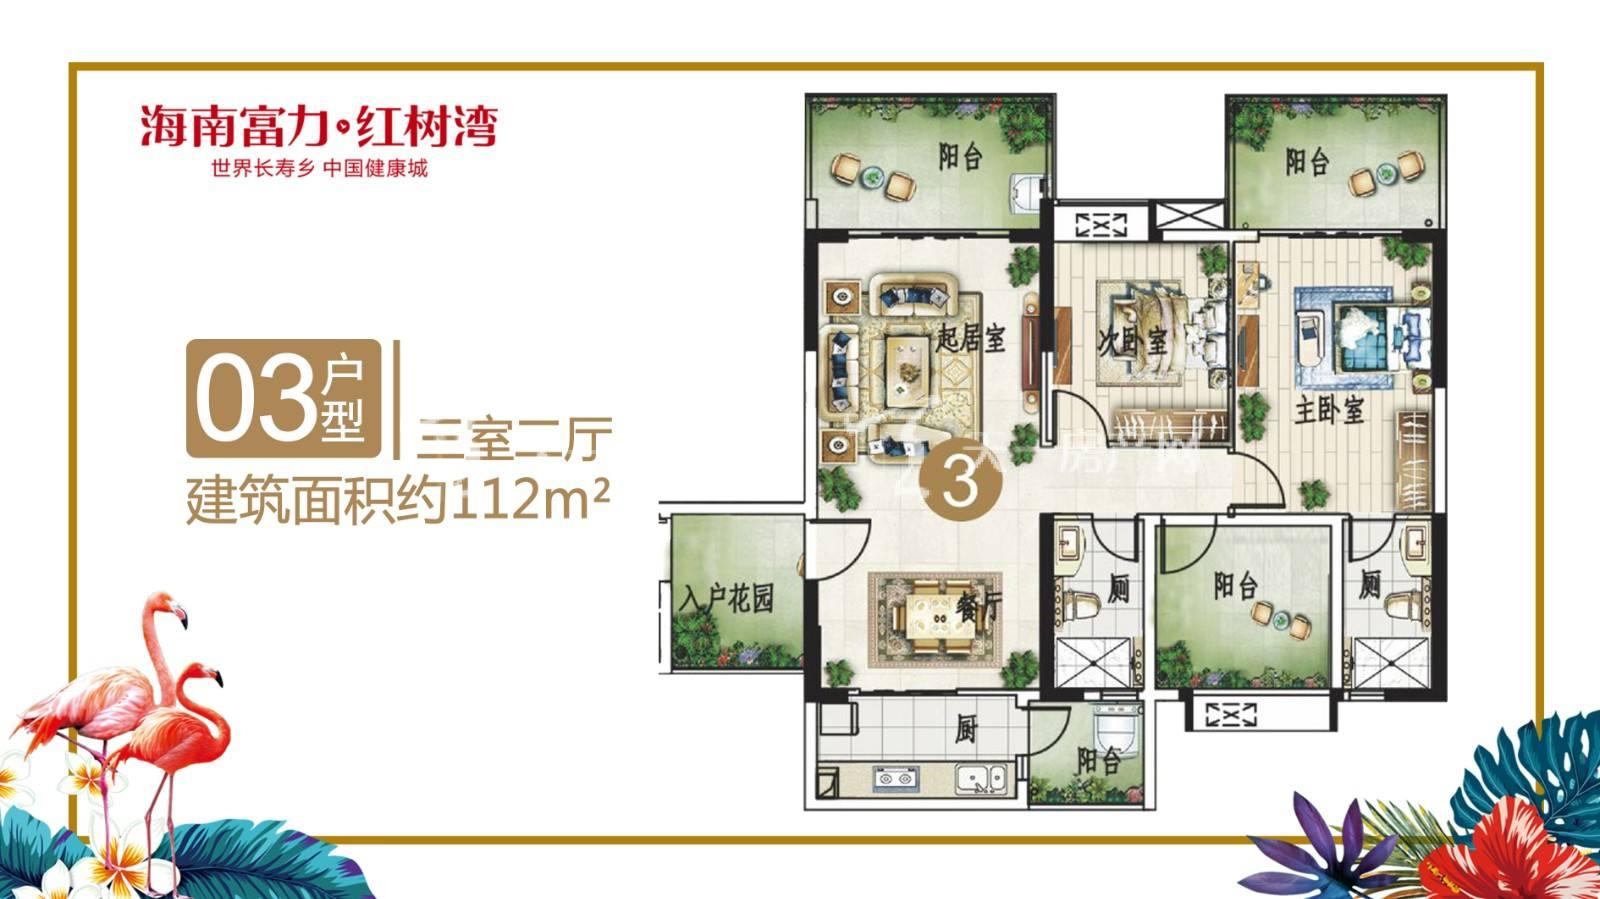 富力红树湾03户型三室两厅建筑面积112㎡